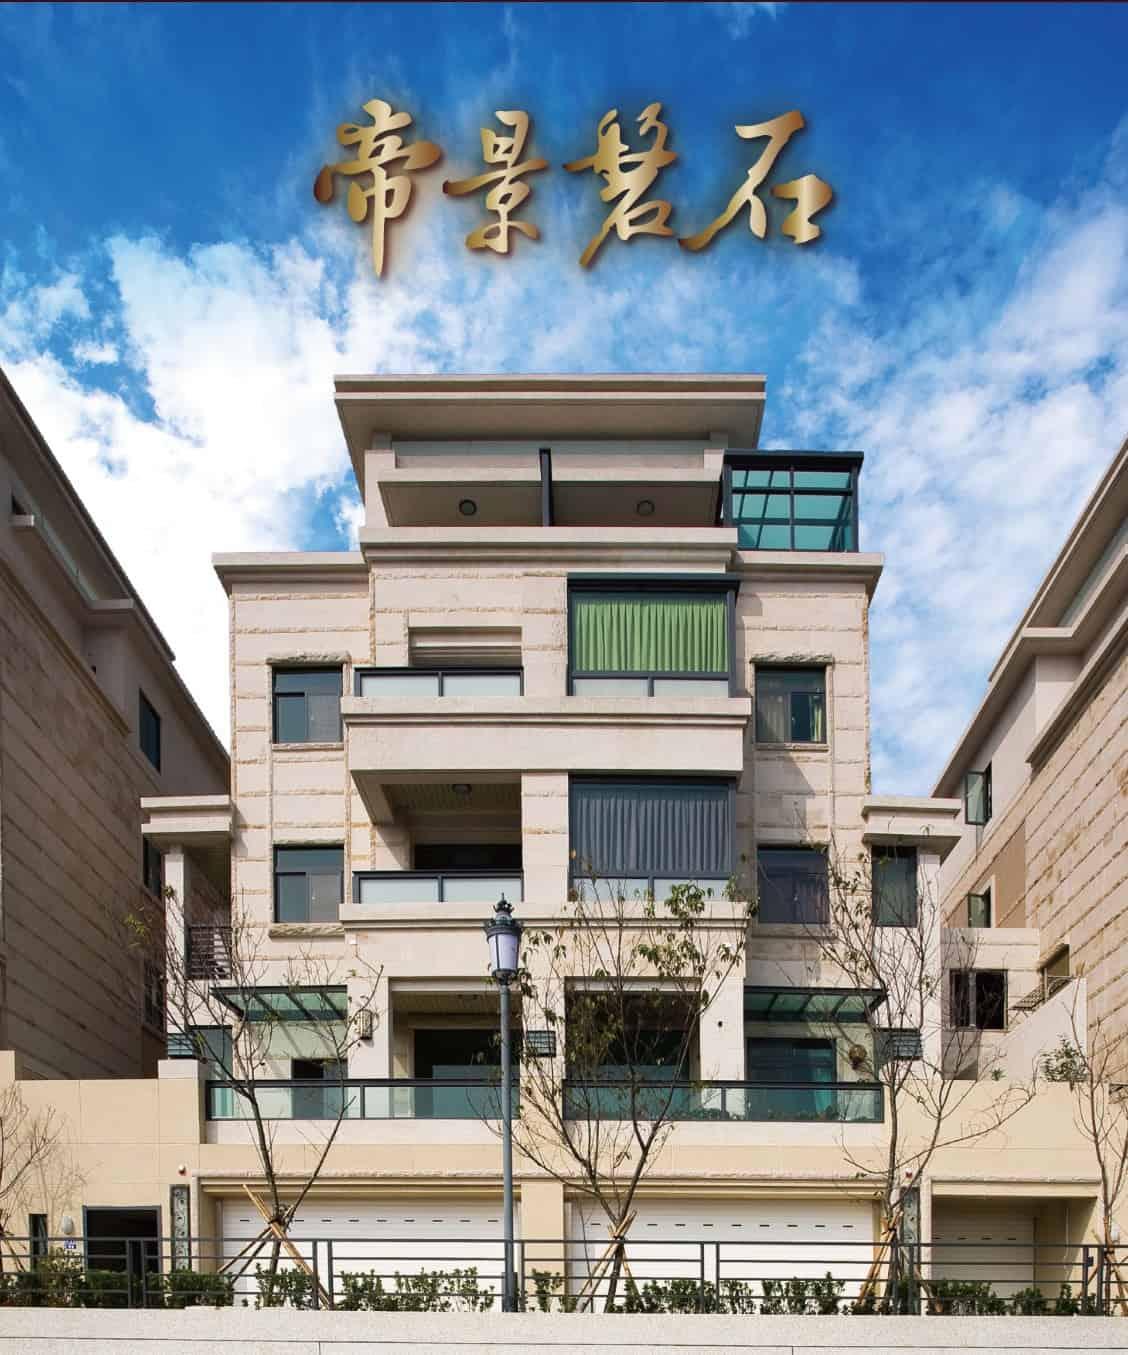 圖片:帝景磐石 永固百年經典建築